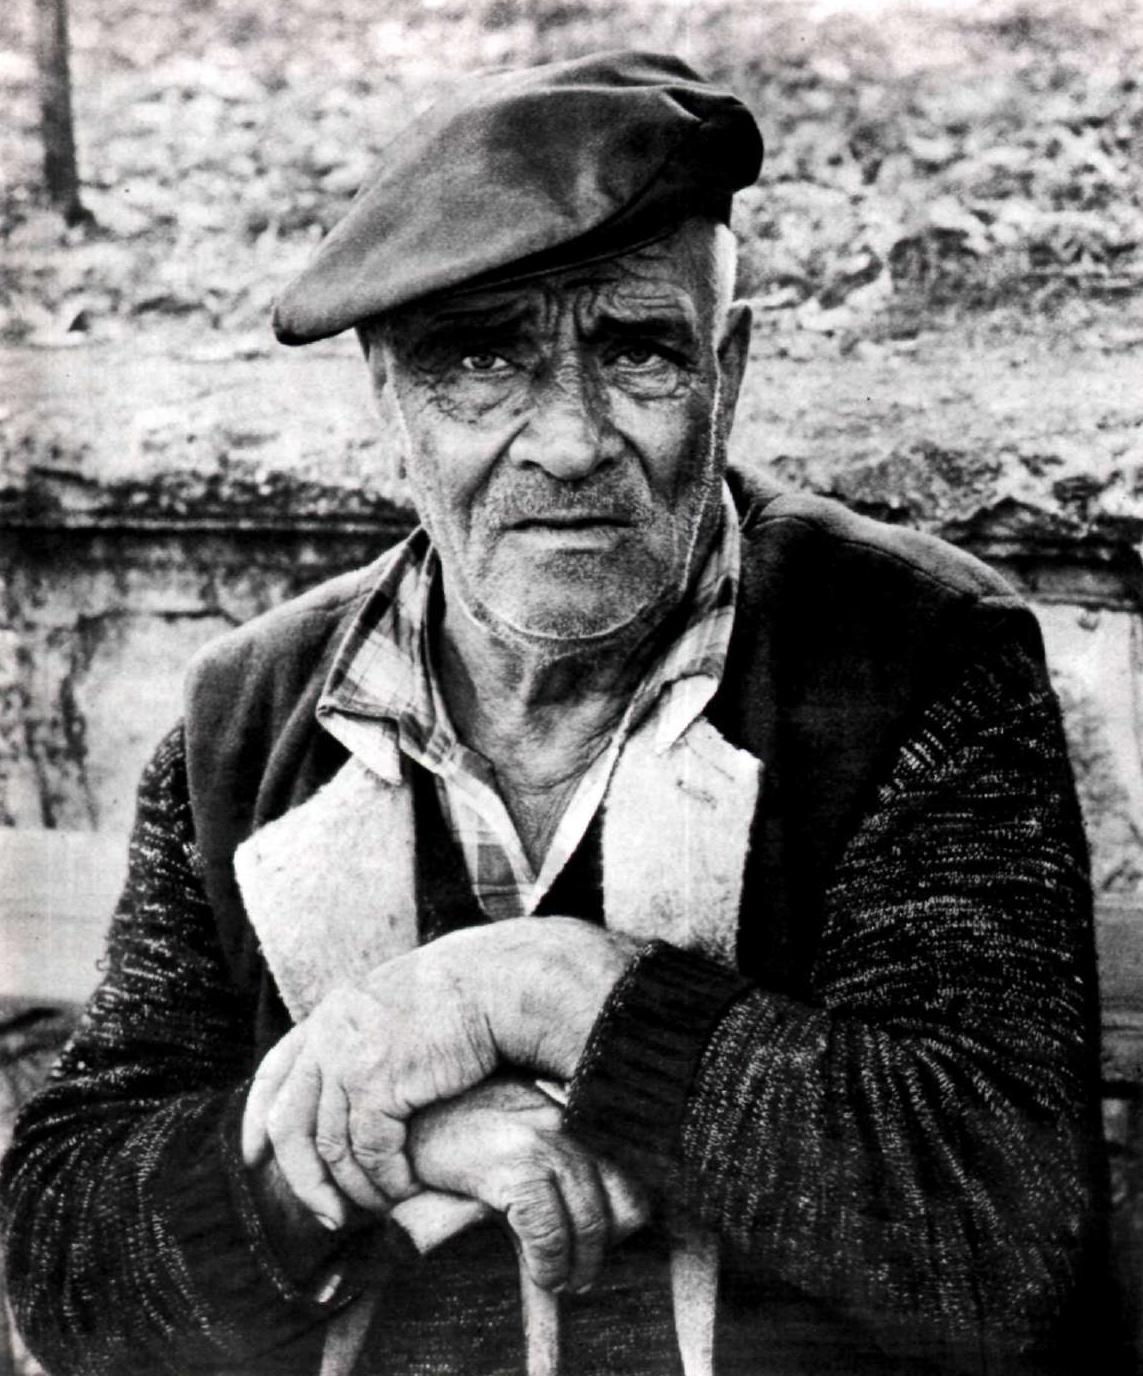 1972. Встреча с Болгарией. Староста деревни